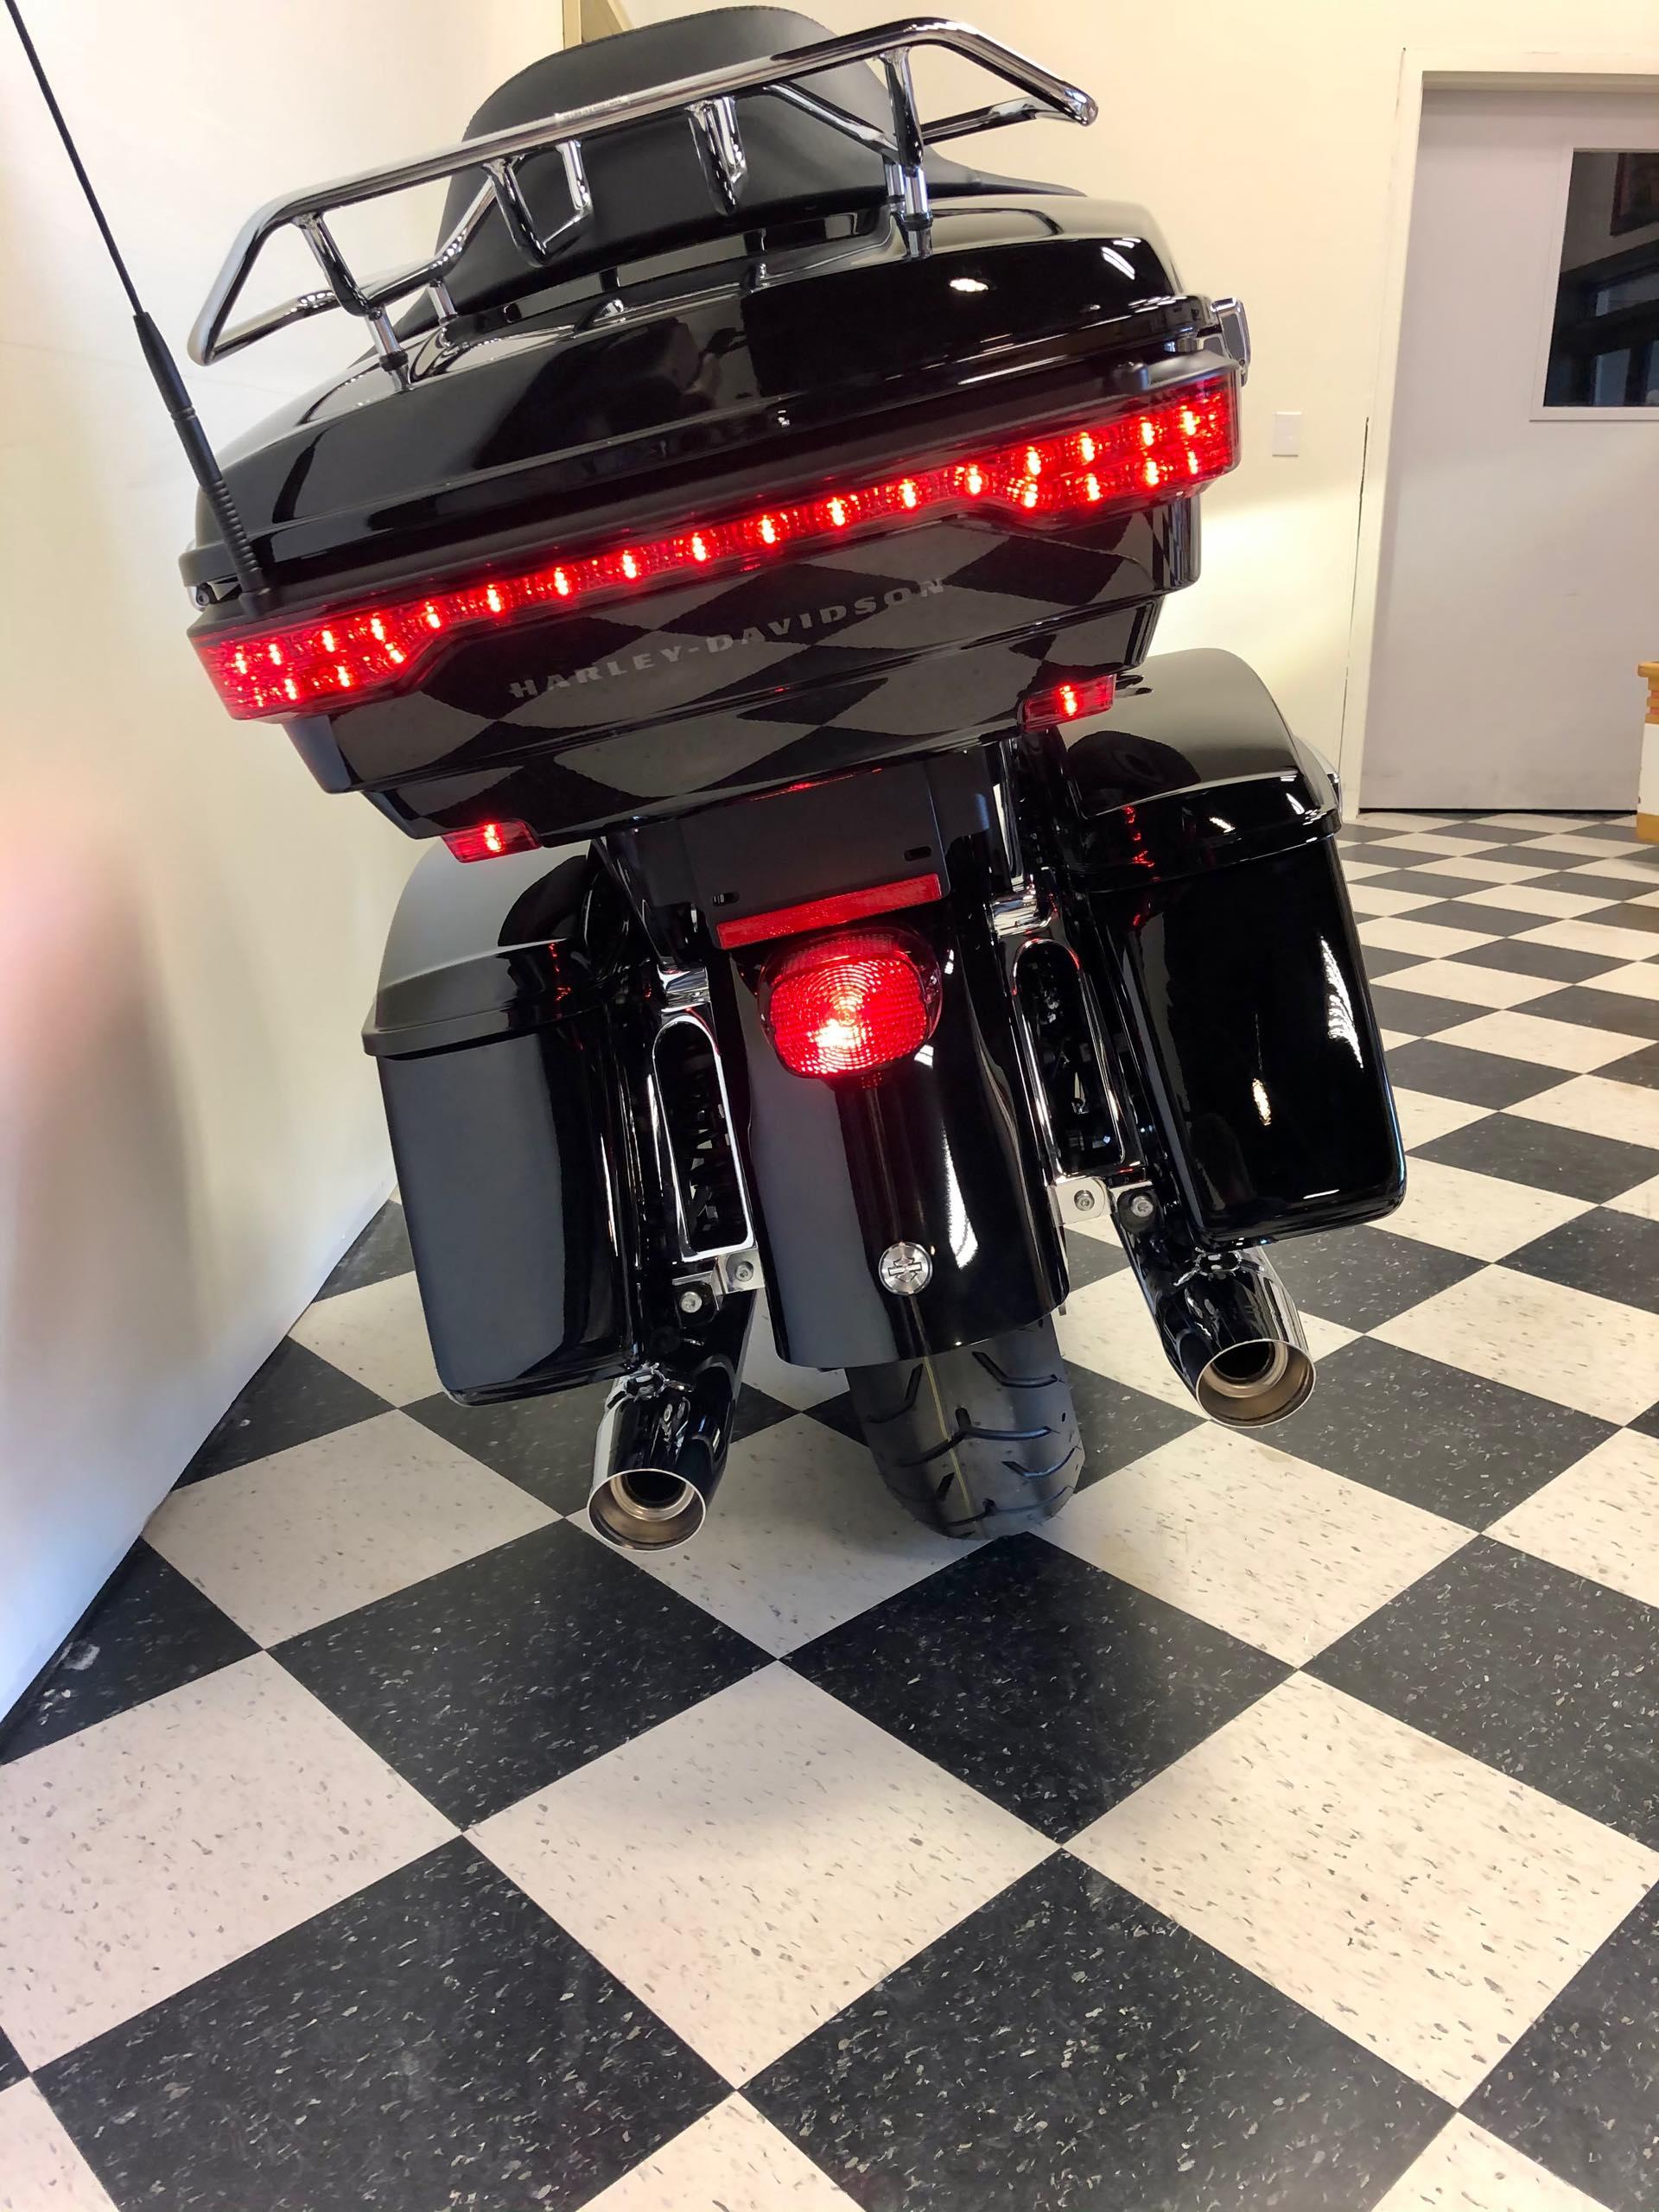 2021 Harley-Davidson Touring FLHTK Ultra Limited at Deluxe Harley Davidson